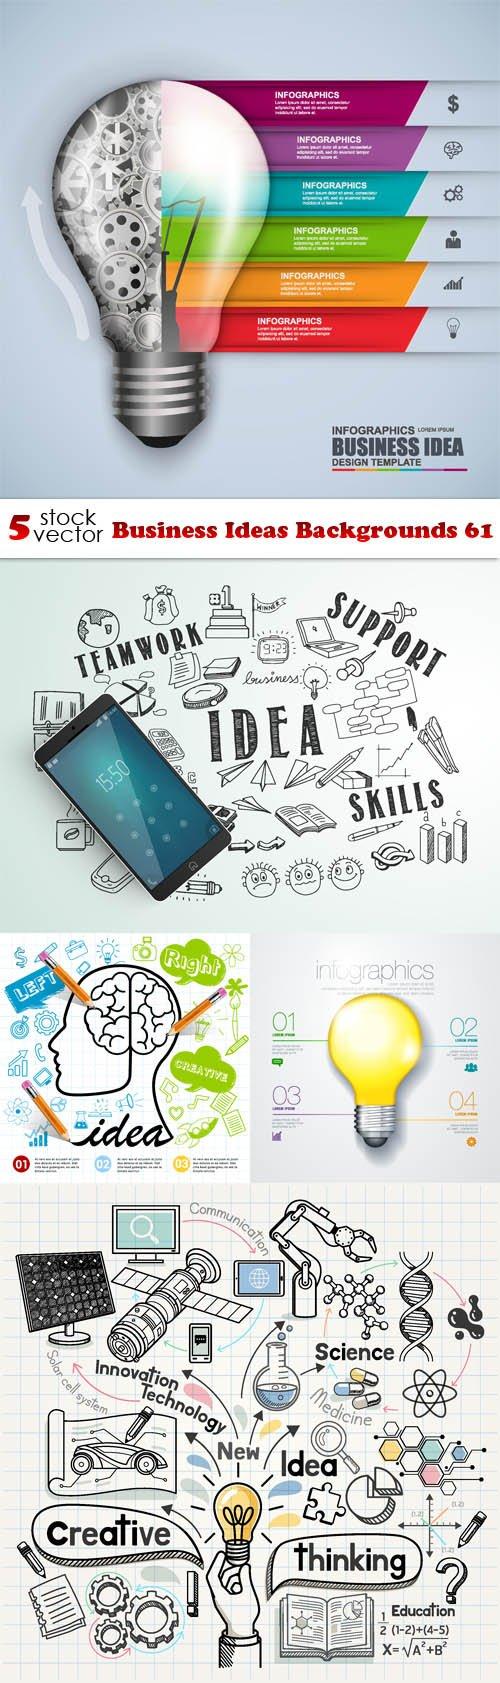 Vectors - Business Ideas Backgrounds 61